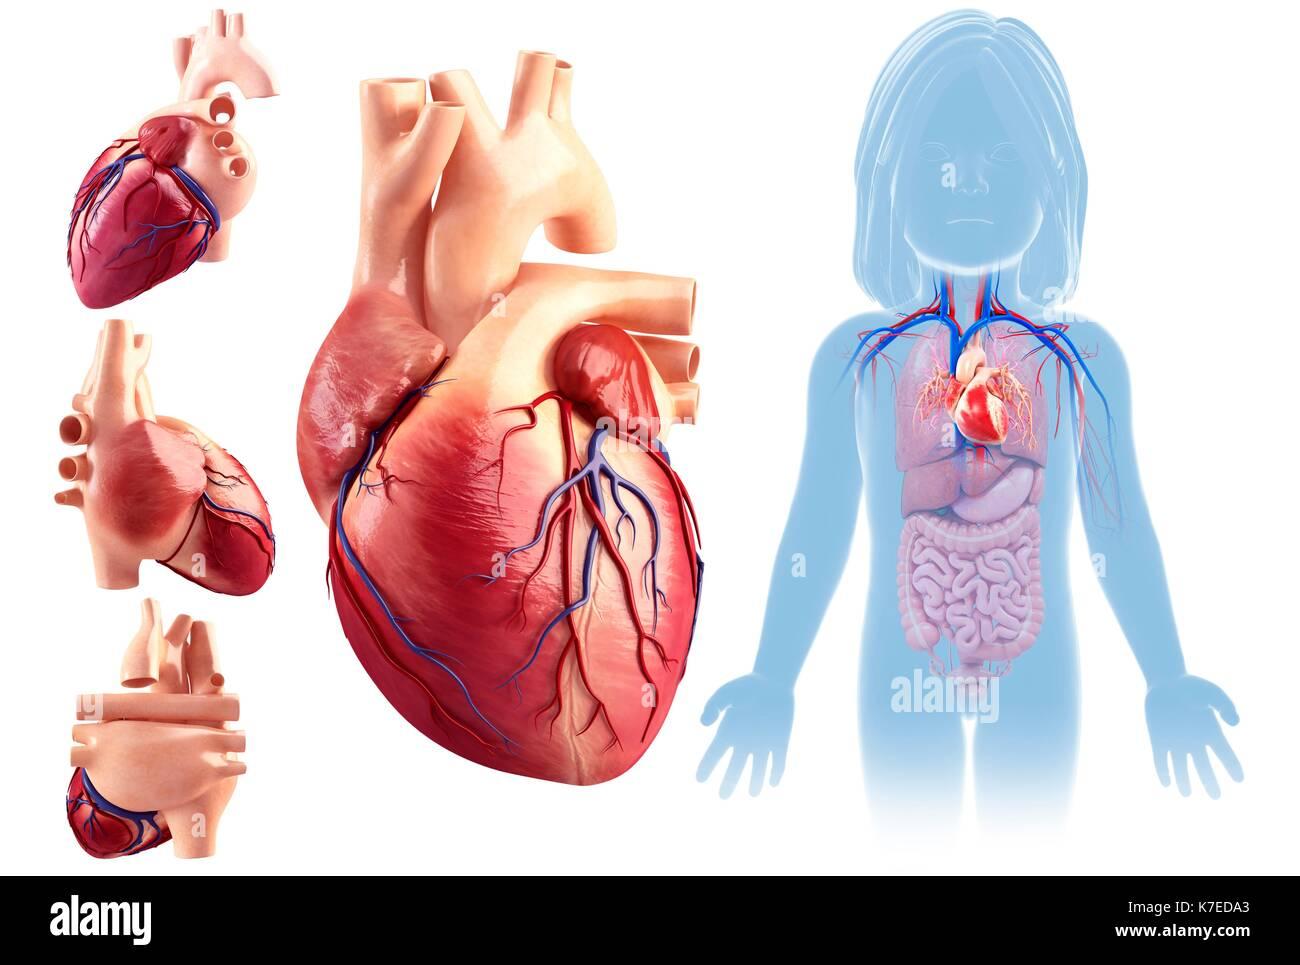 Abbildung: Herz Anatomie eines Kindes Stockfoto, Bild: 159513707 - Alamy